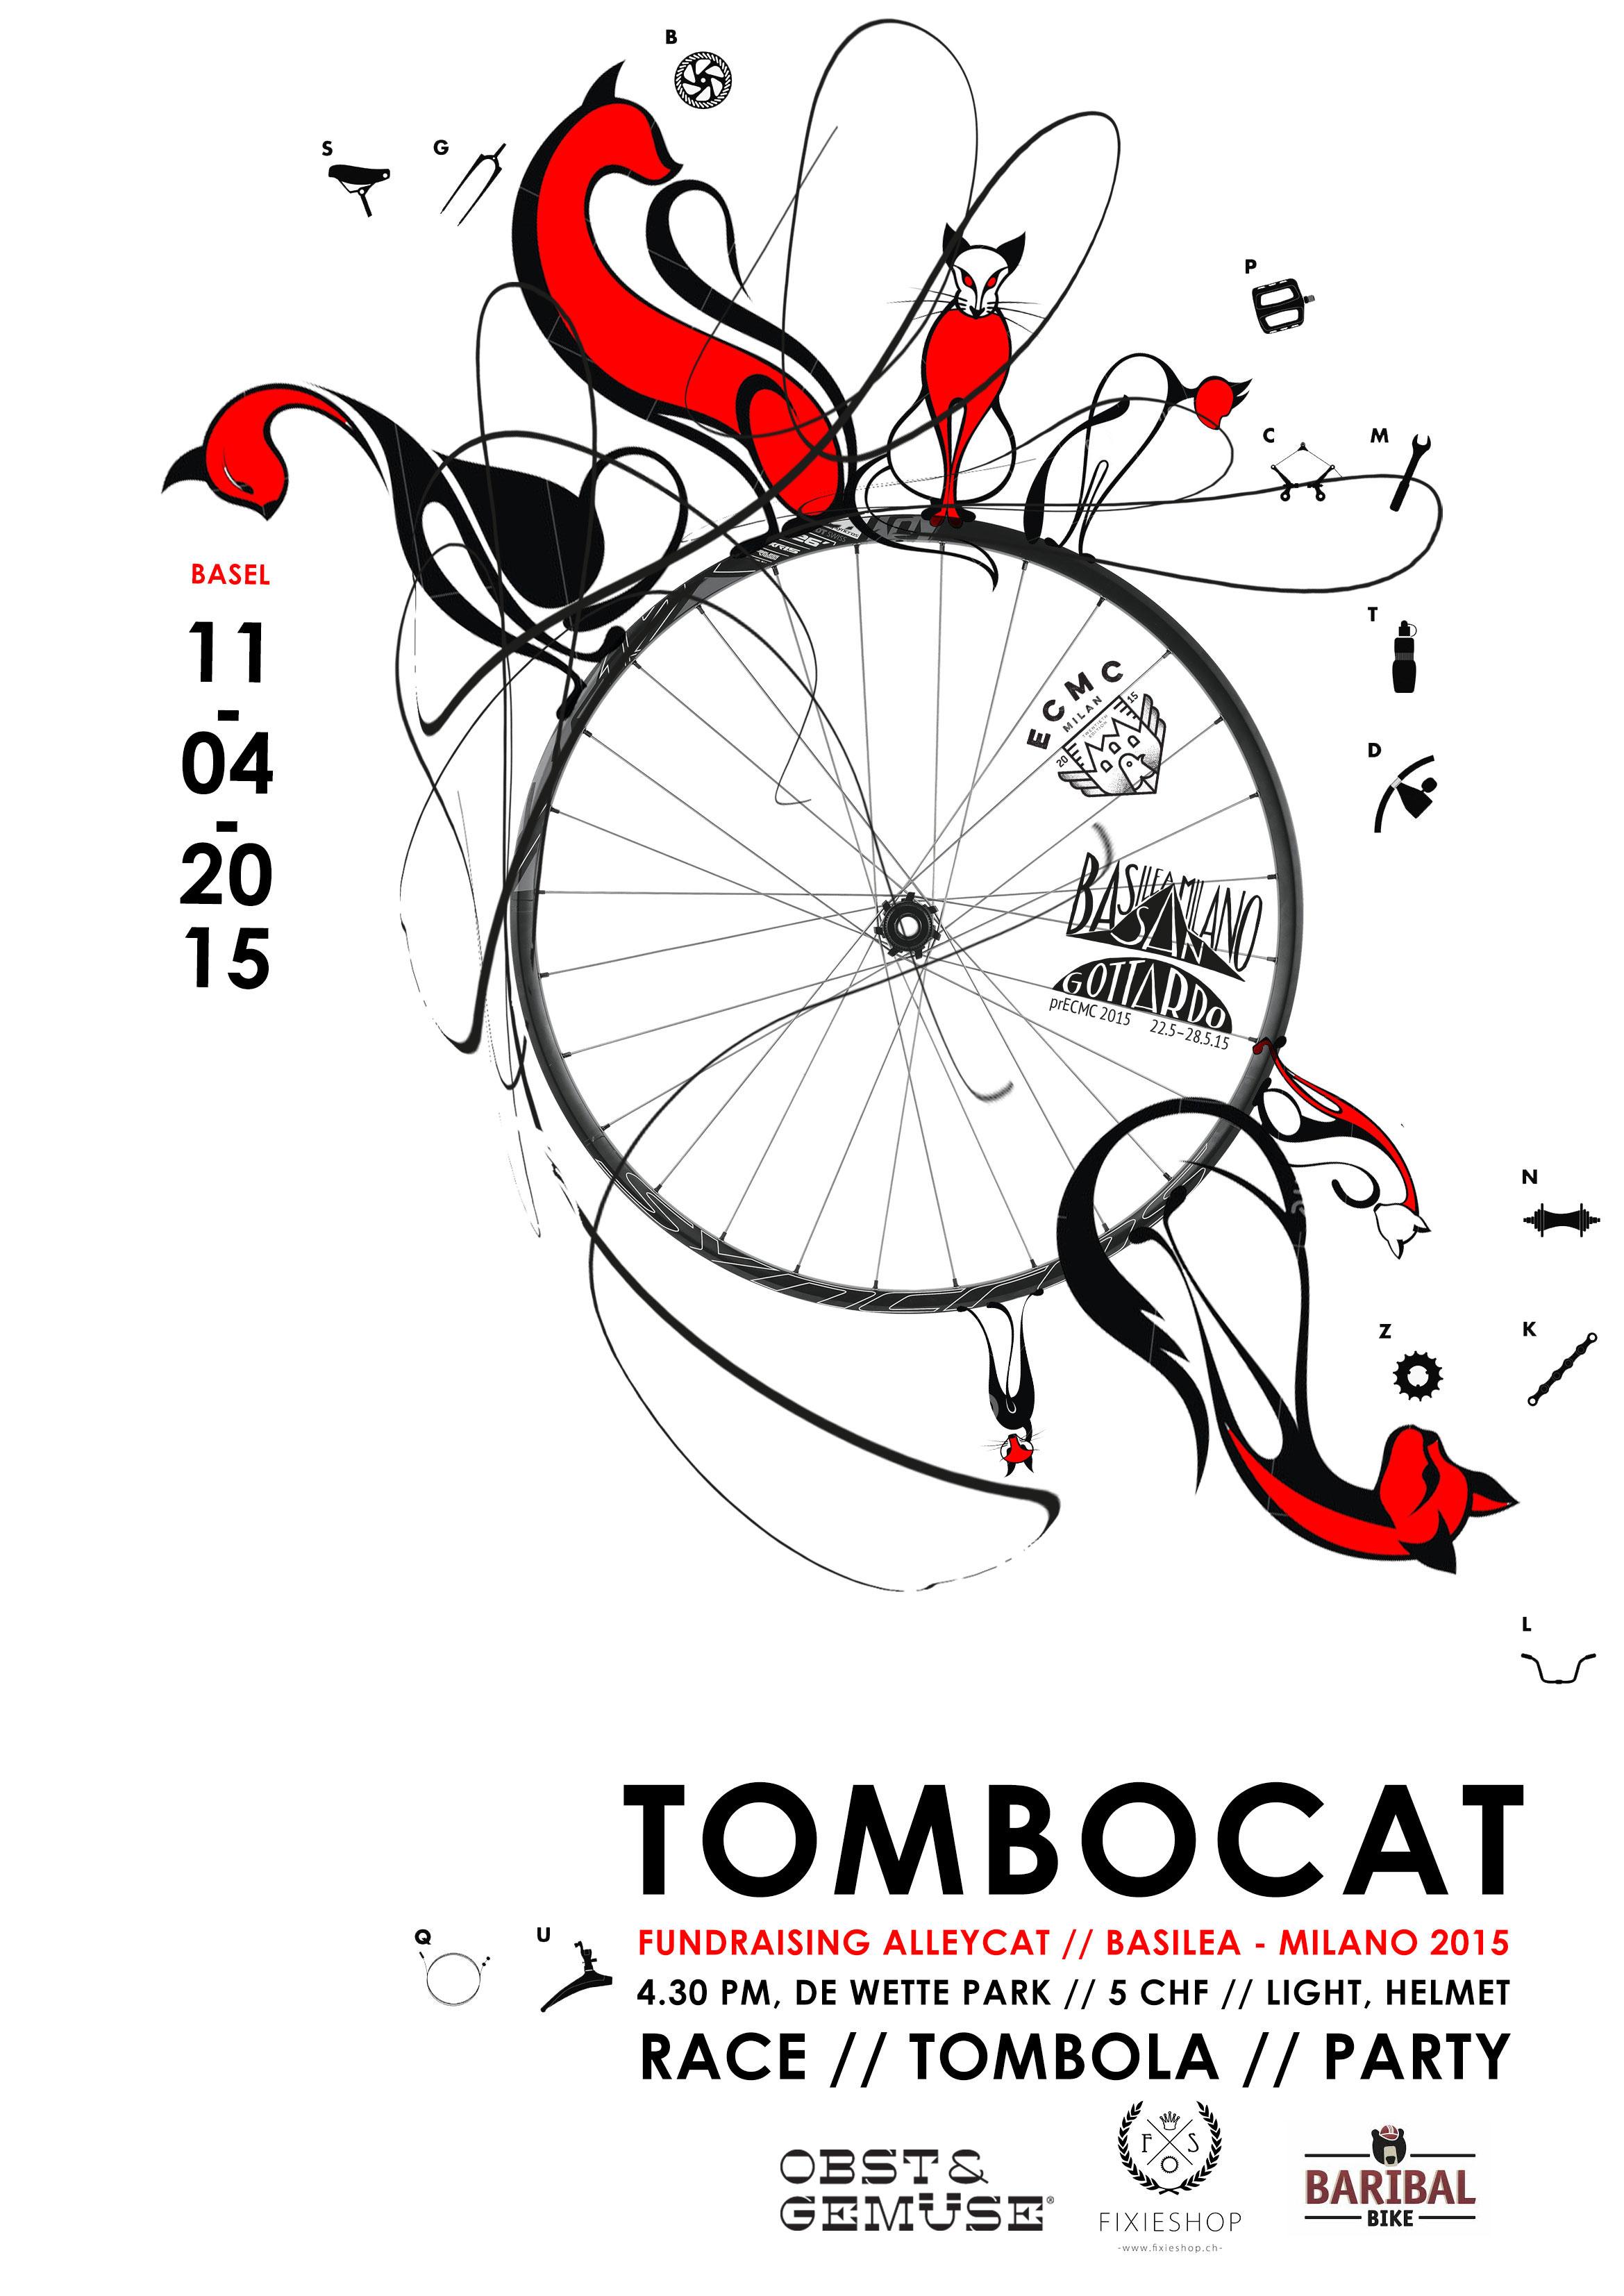 tombocat